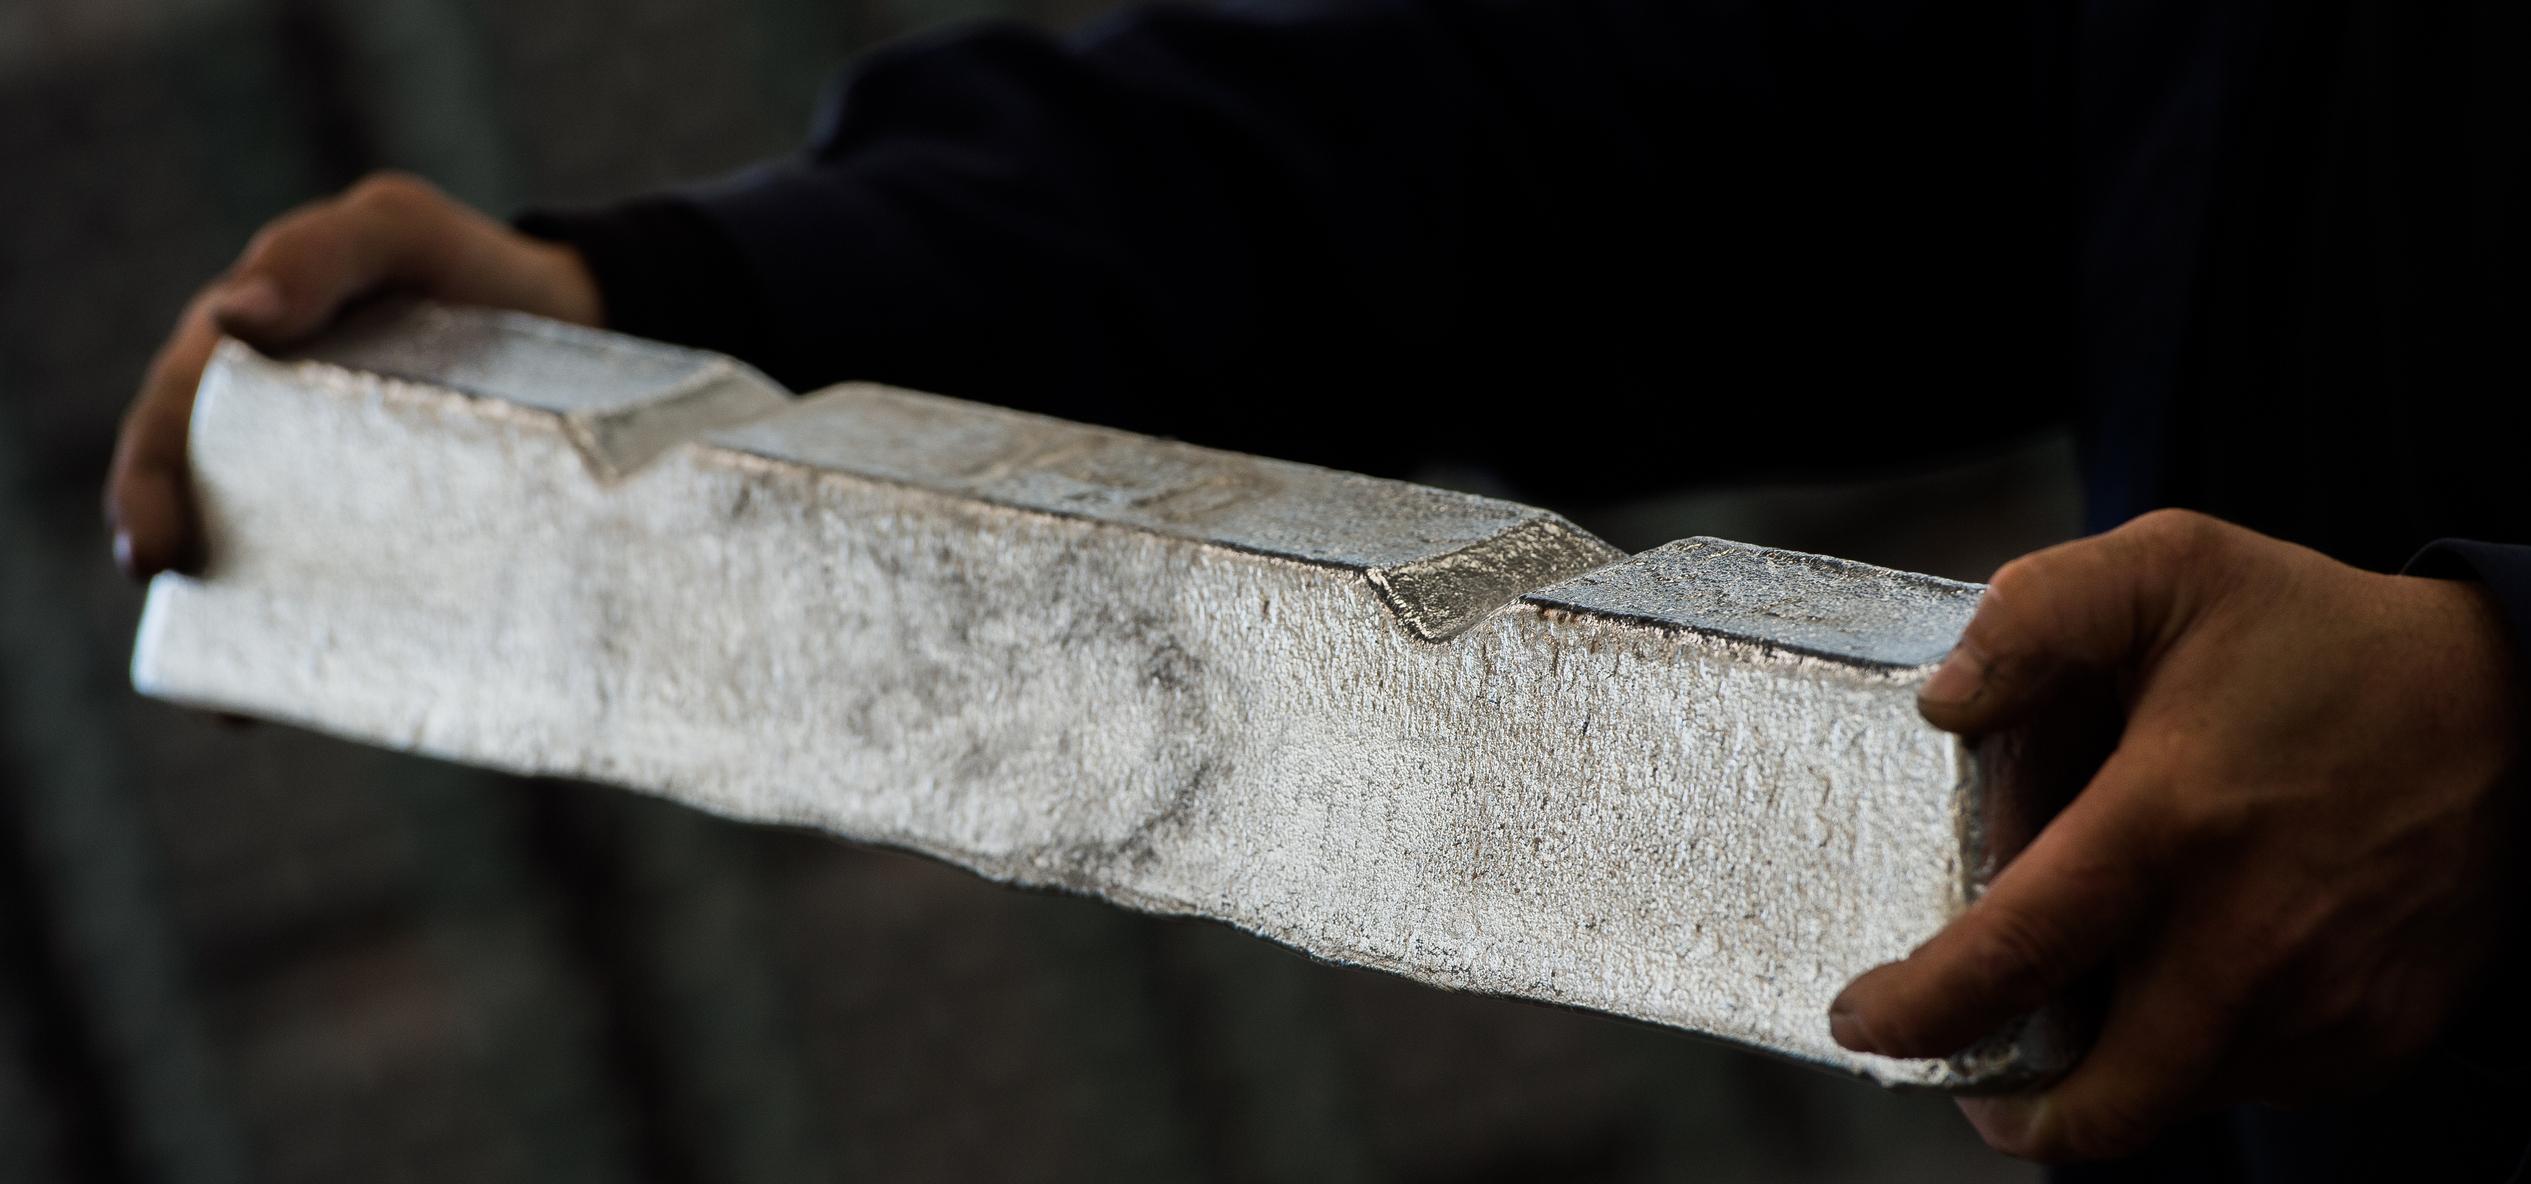 Raw aluminum ingots.